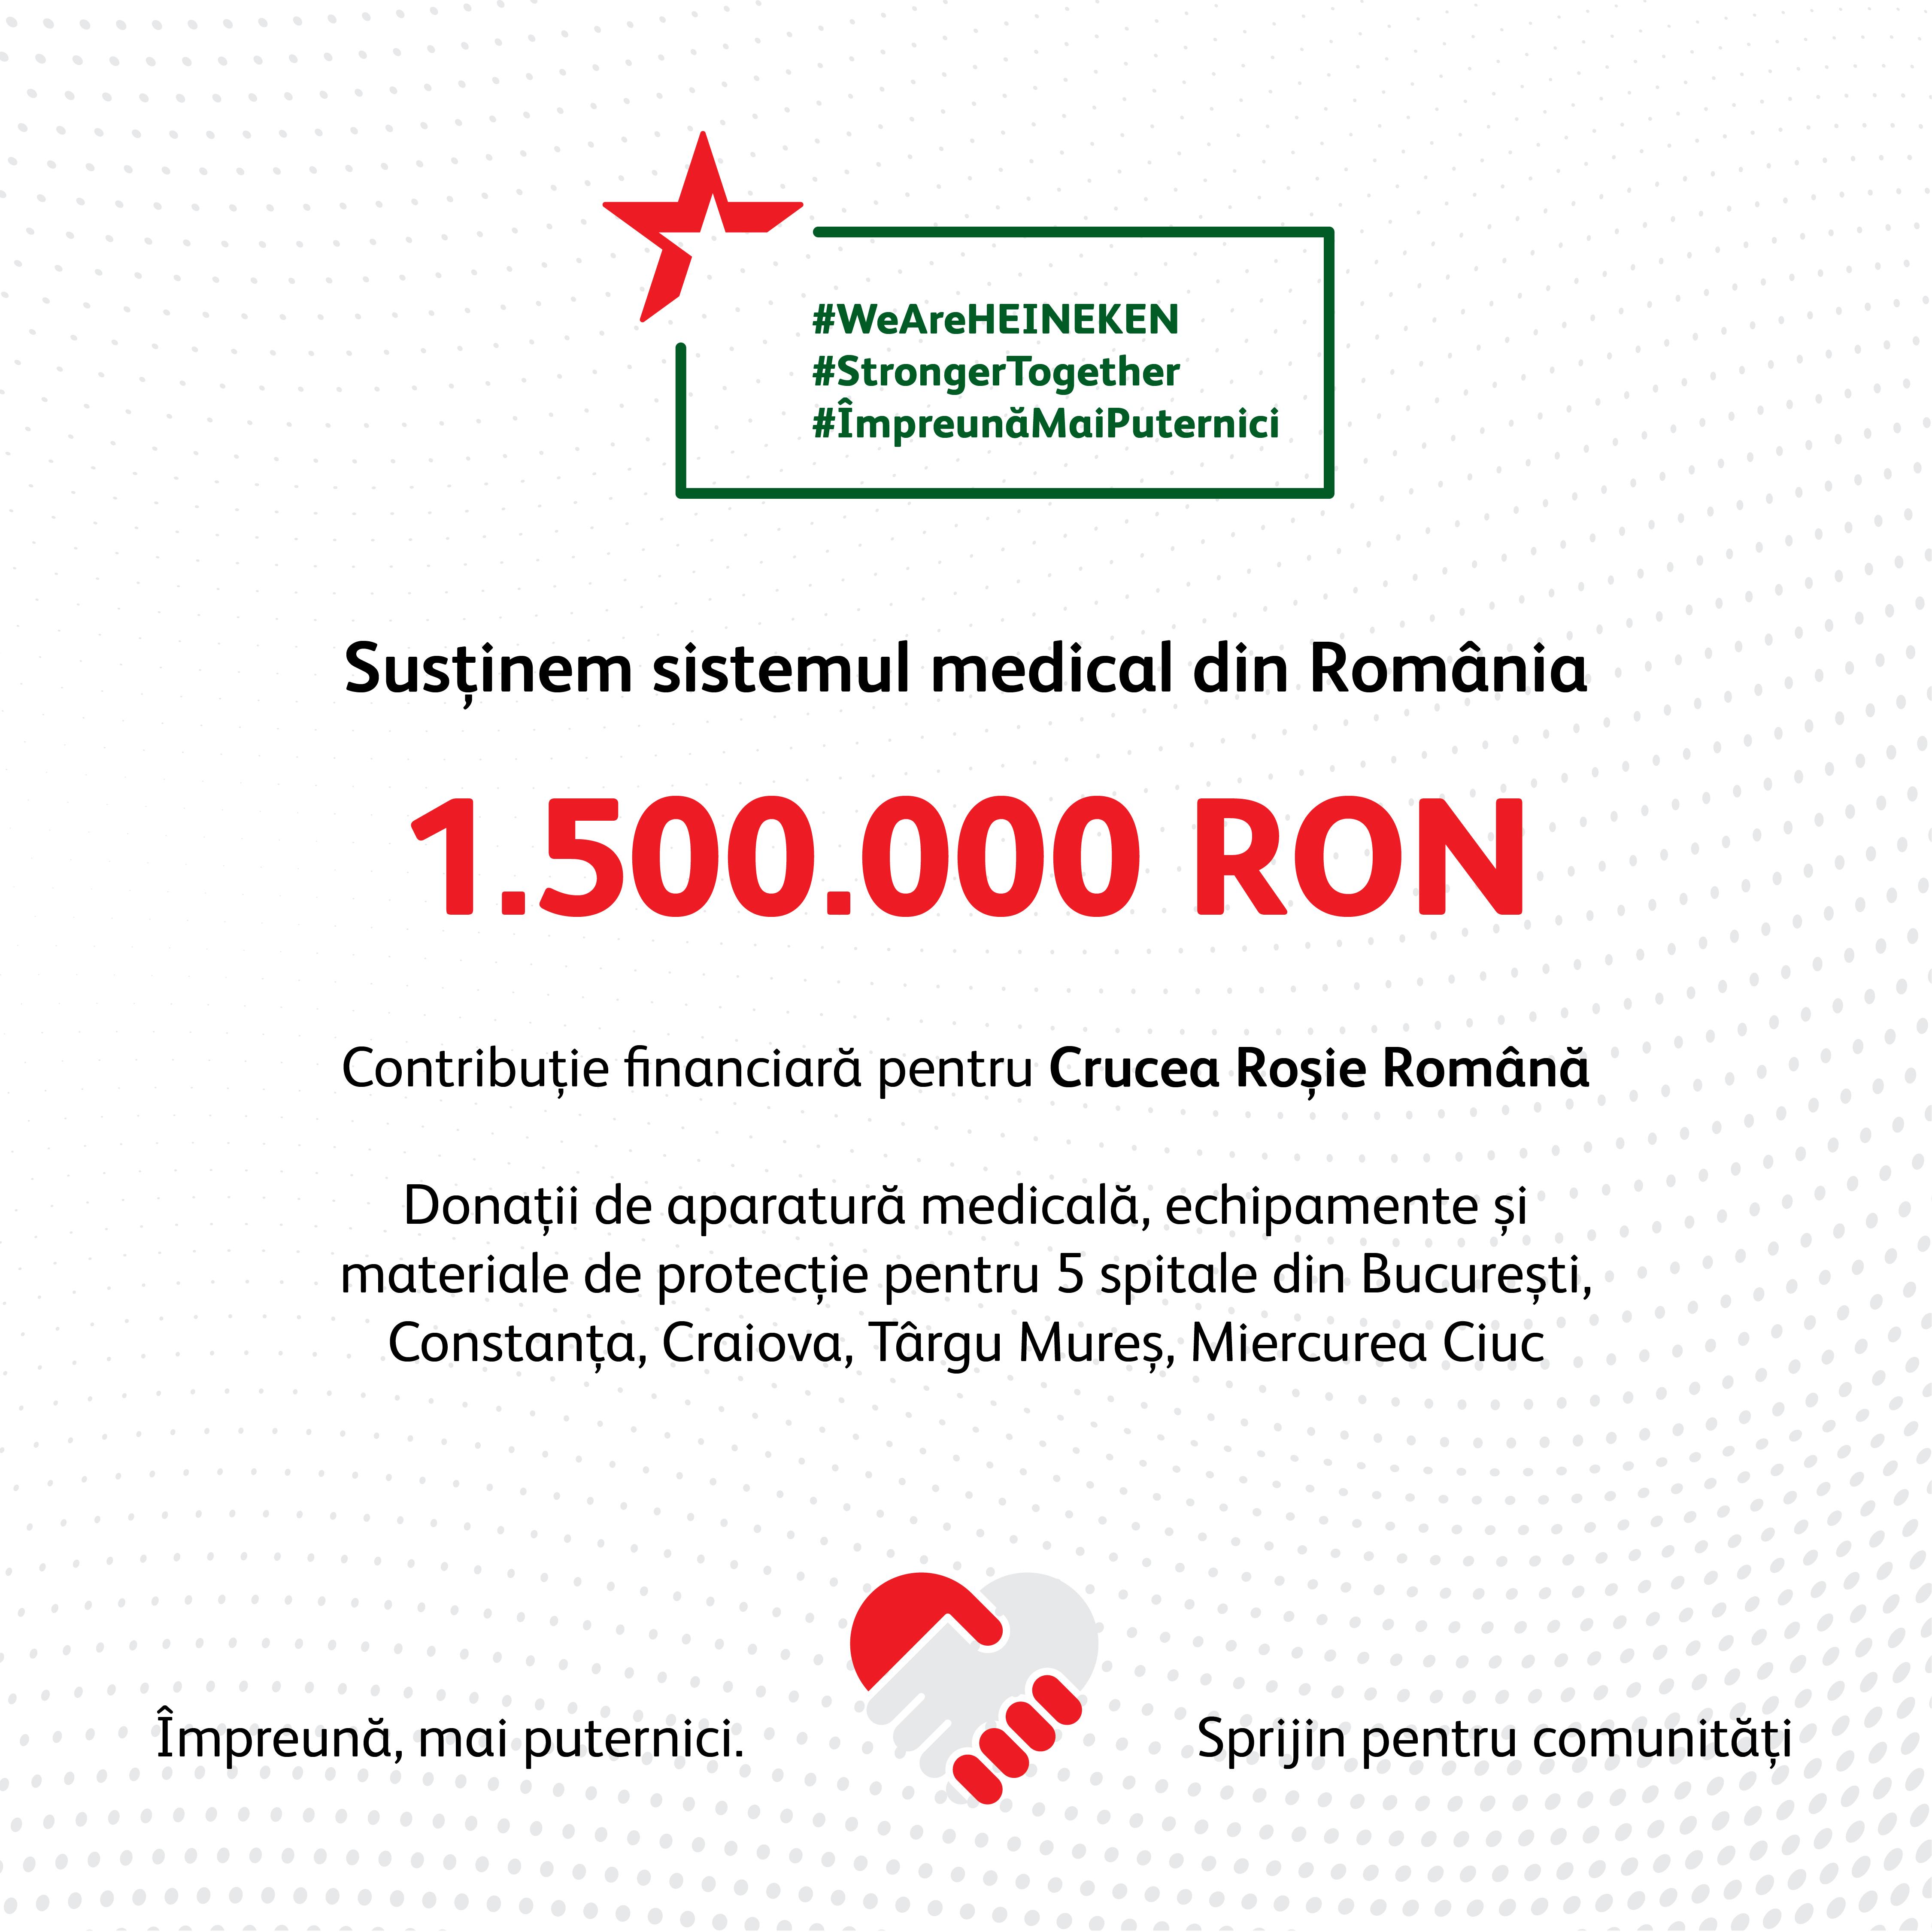 HEINEKEN Ro_Donatii_Sprijin pentru comunitati.jpg